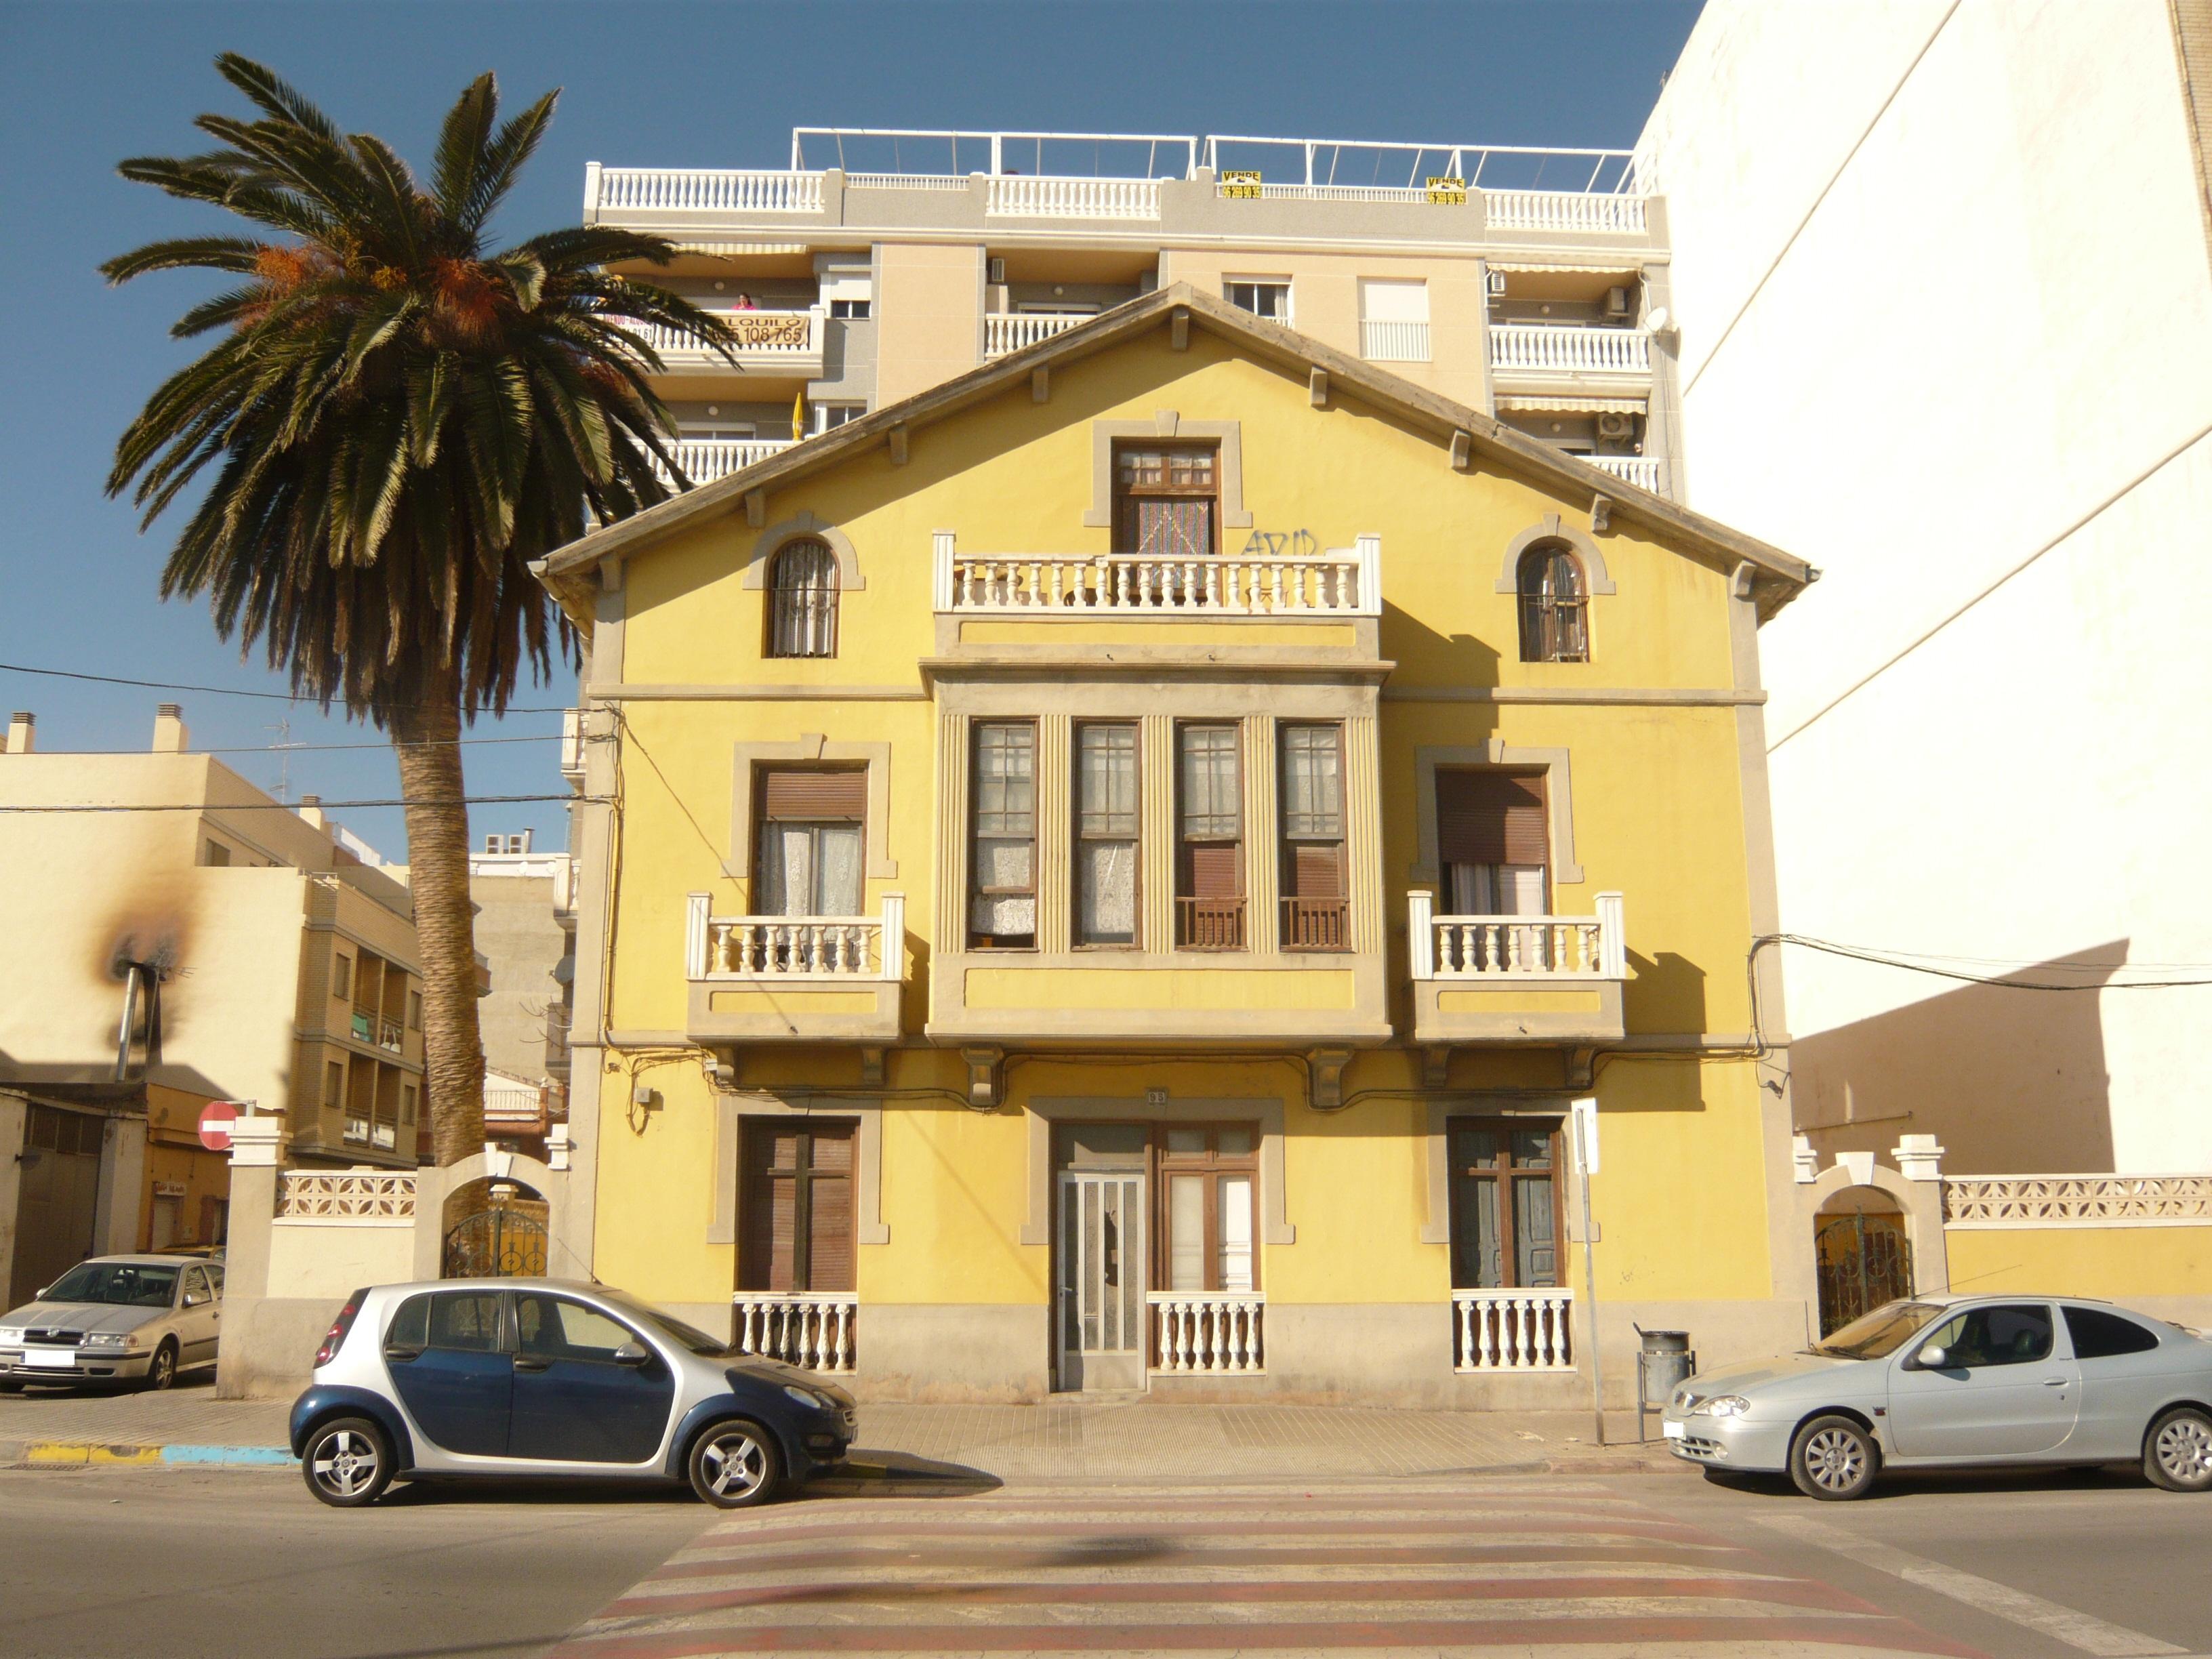 Iniciativa porte a blog archive la casa de la playa de - La casa de las palmeras ...